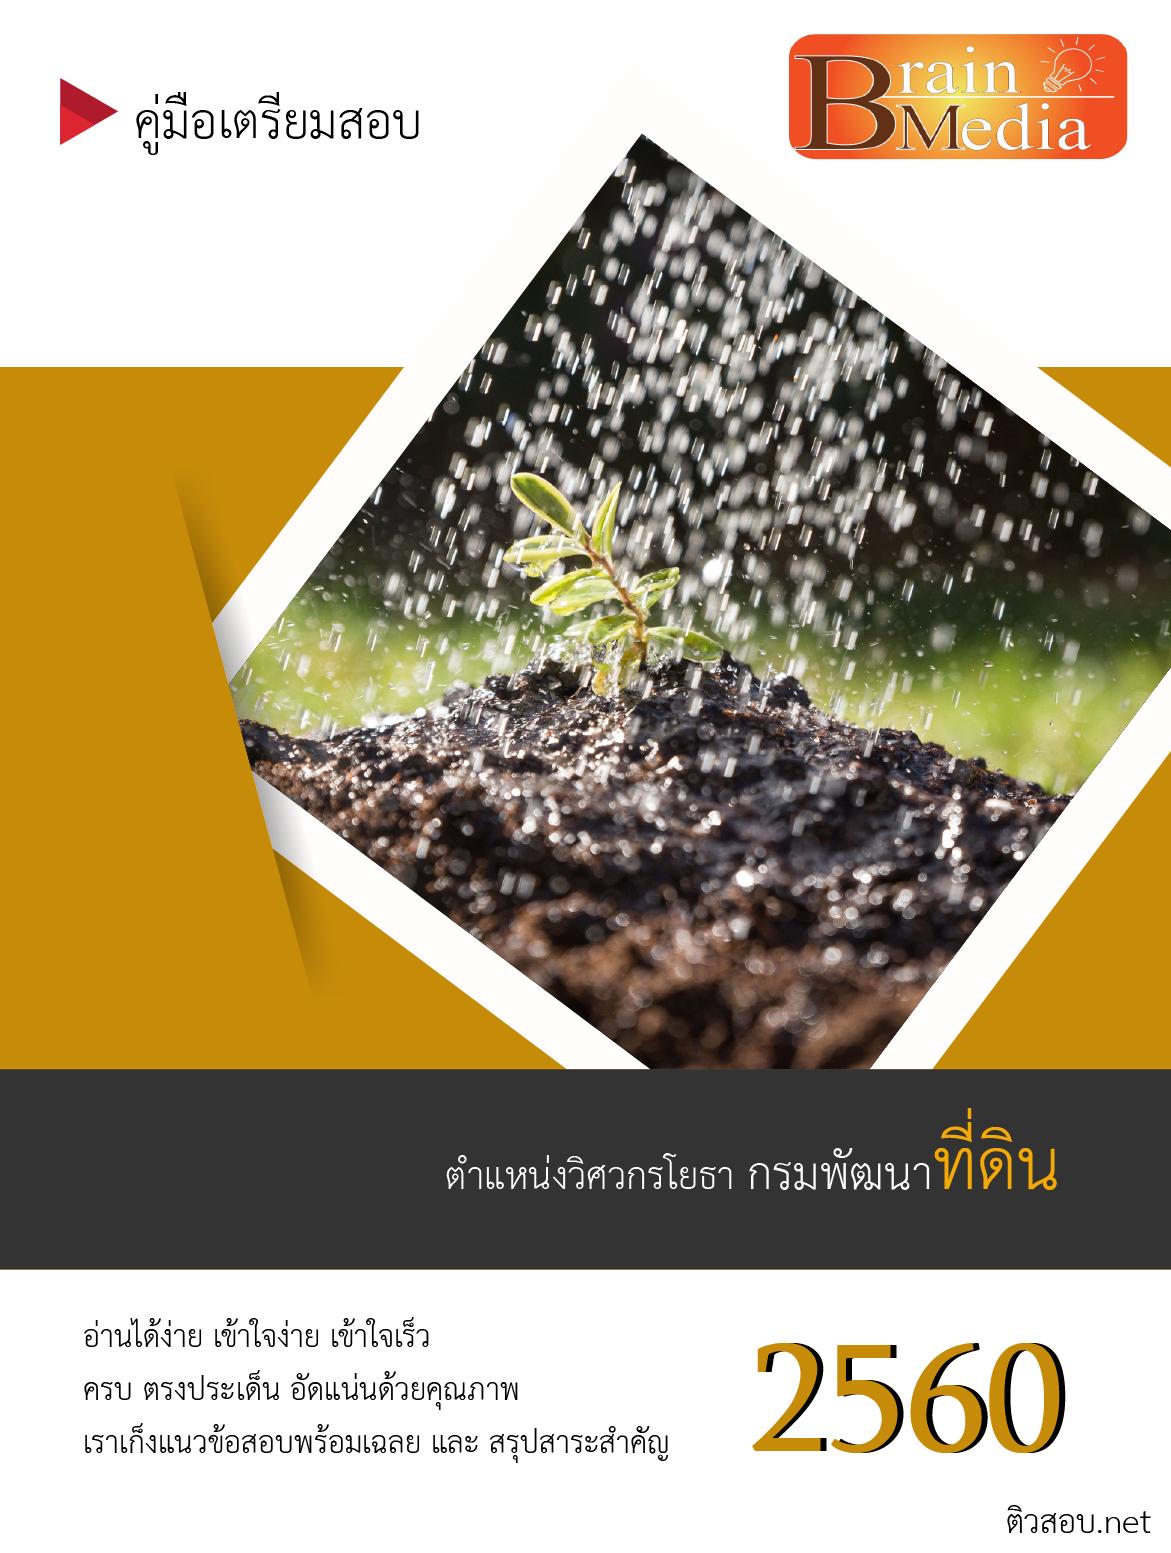 เฉลยแนวข้อสอบ วิศวกรโยธา กรมพัฒนาที่ดิน